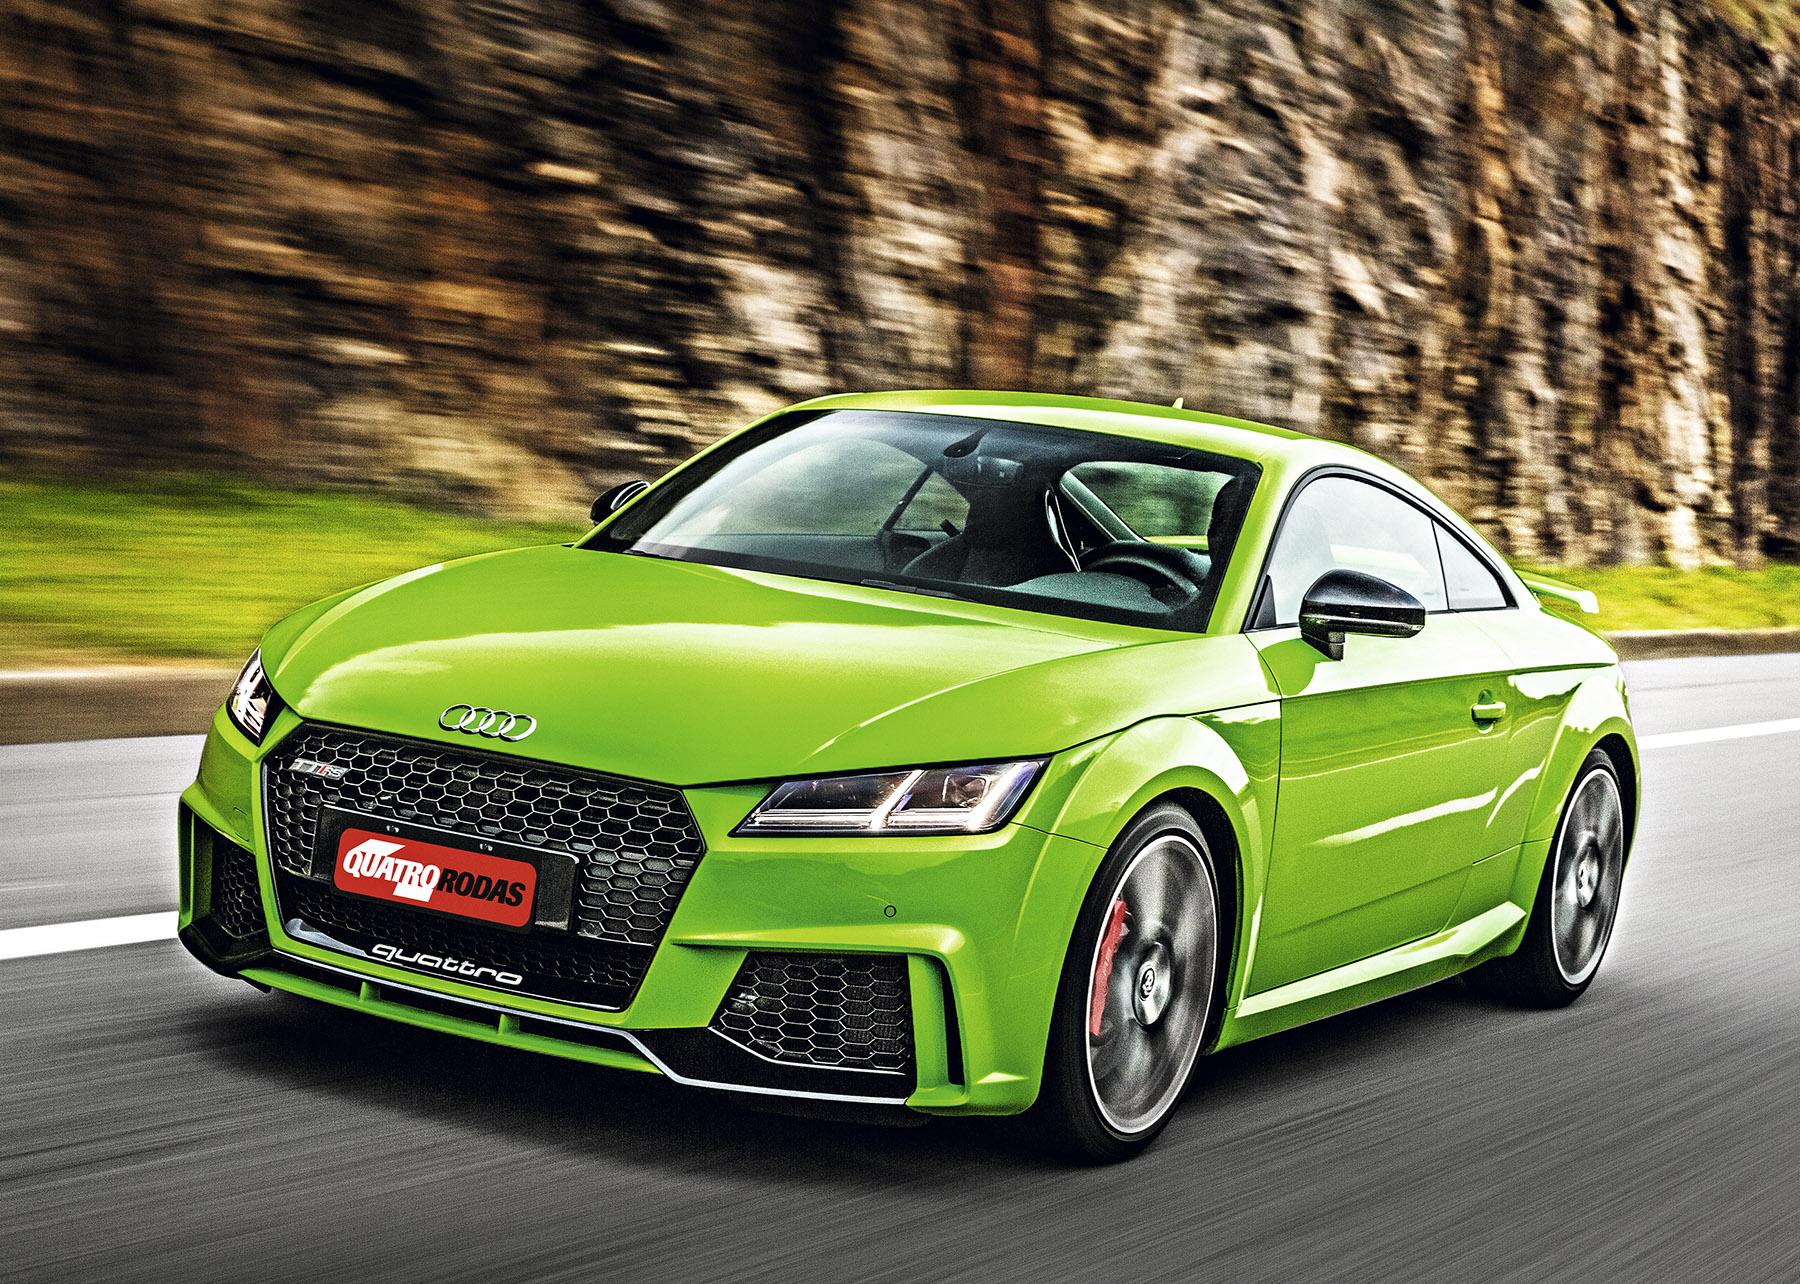 Teste Audi Tt Rs 0 A 100 Em 3 8s E Pintura Verde De R 30 000 Quatro Rodas